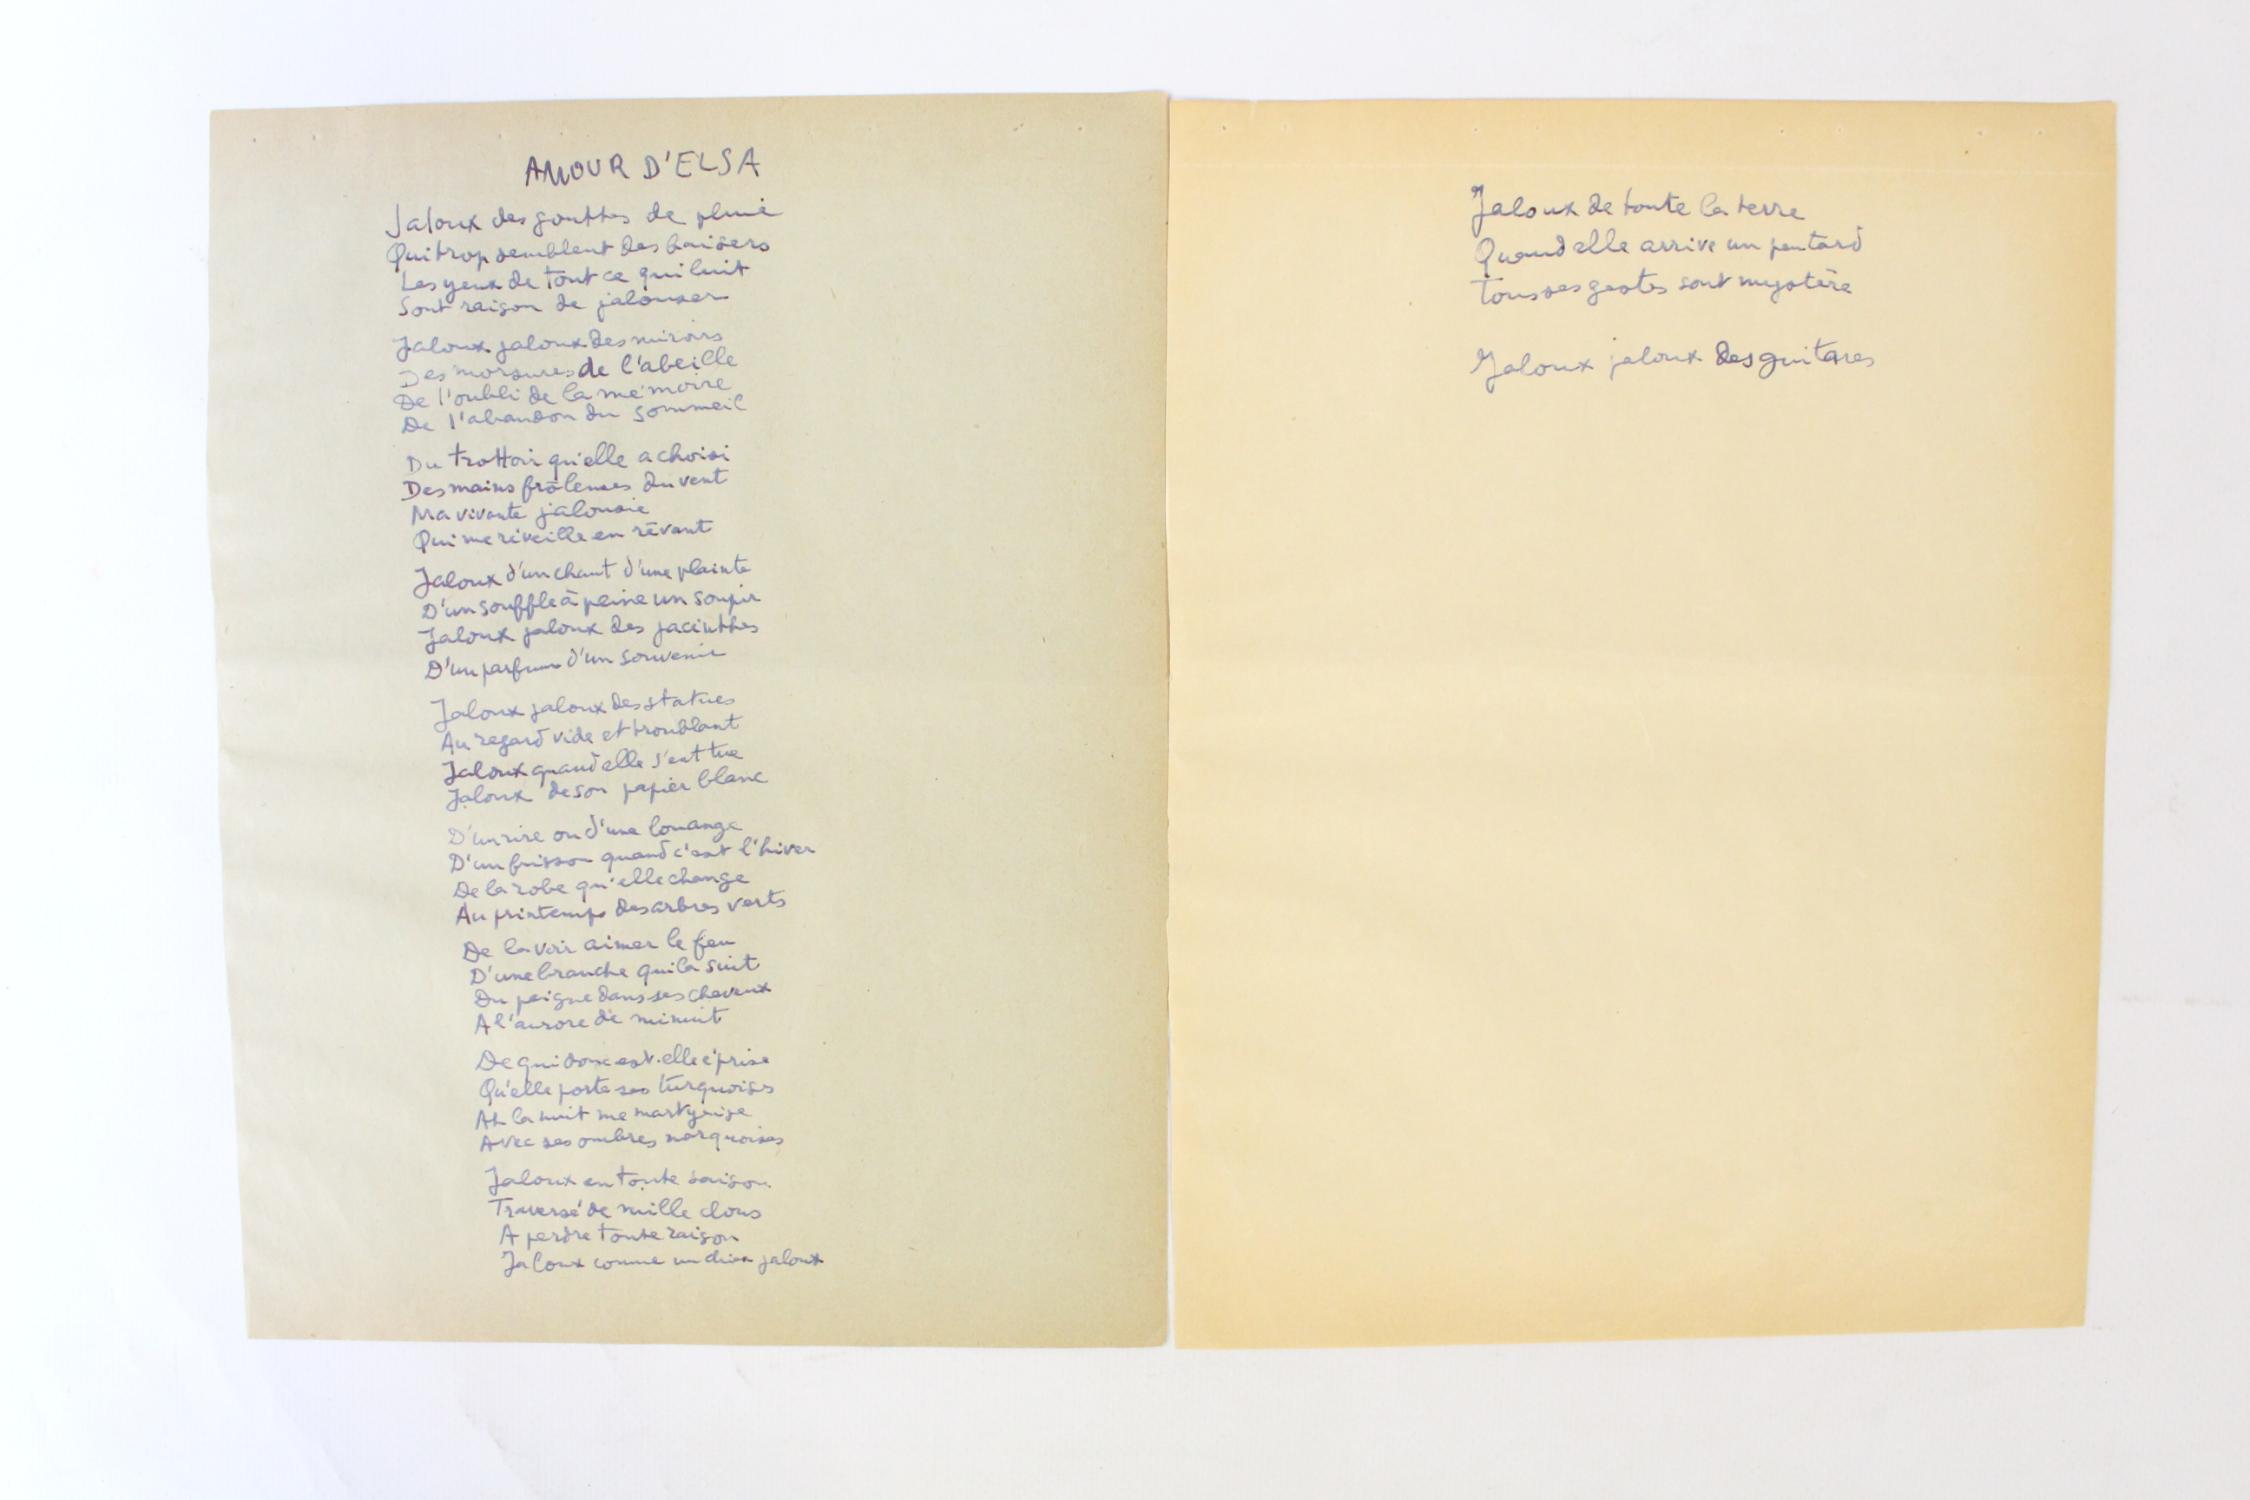 Poème Manuscrit Amour Delsa